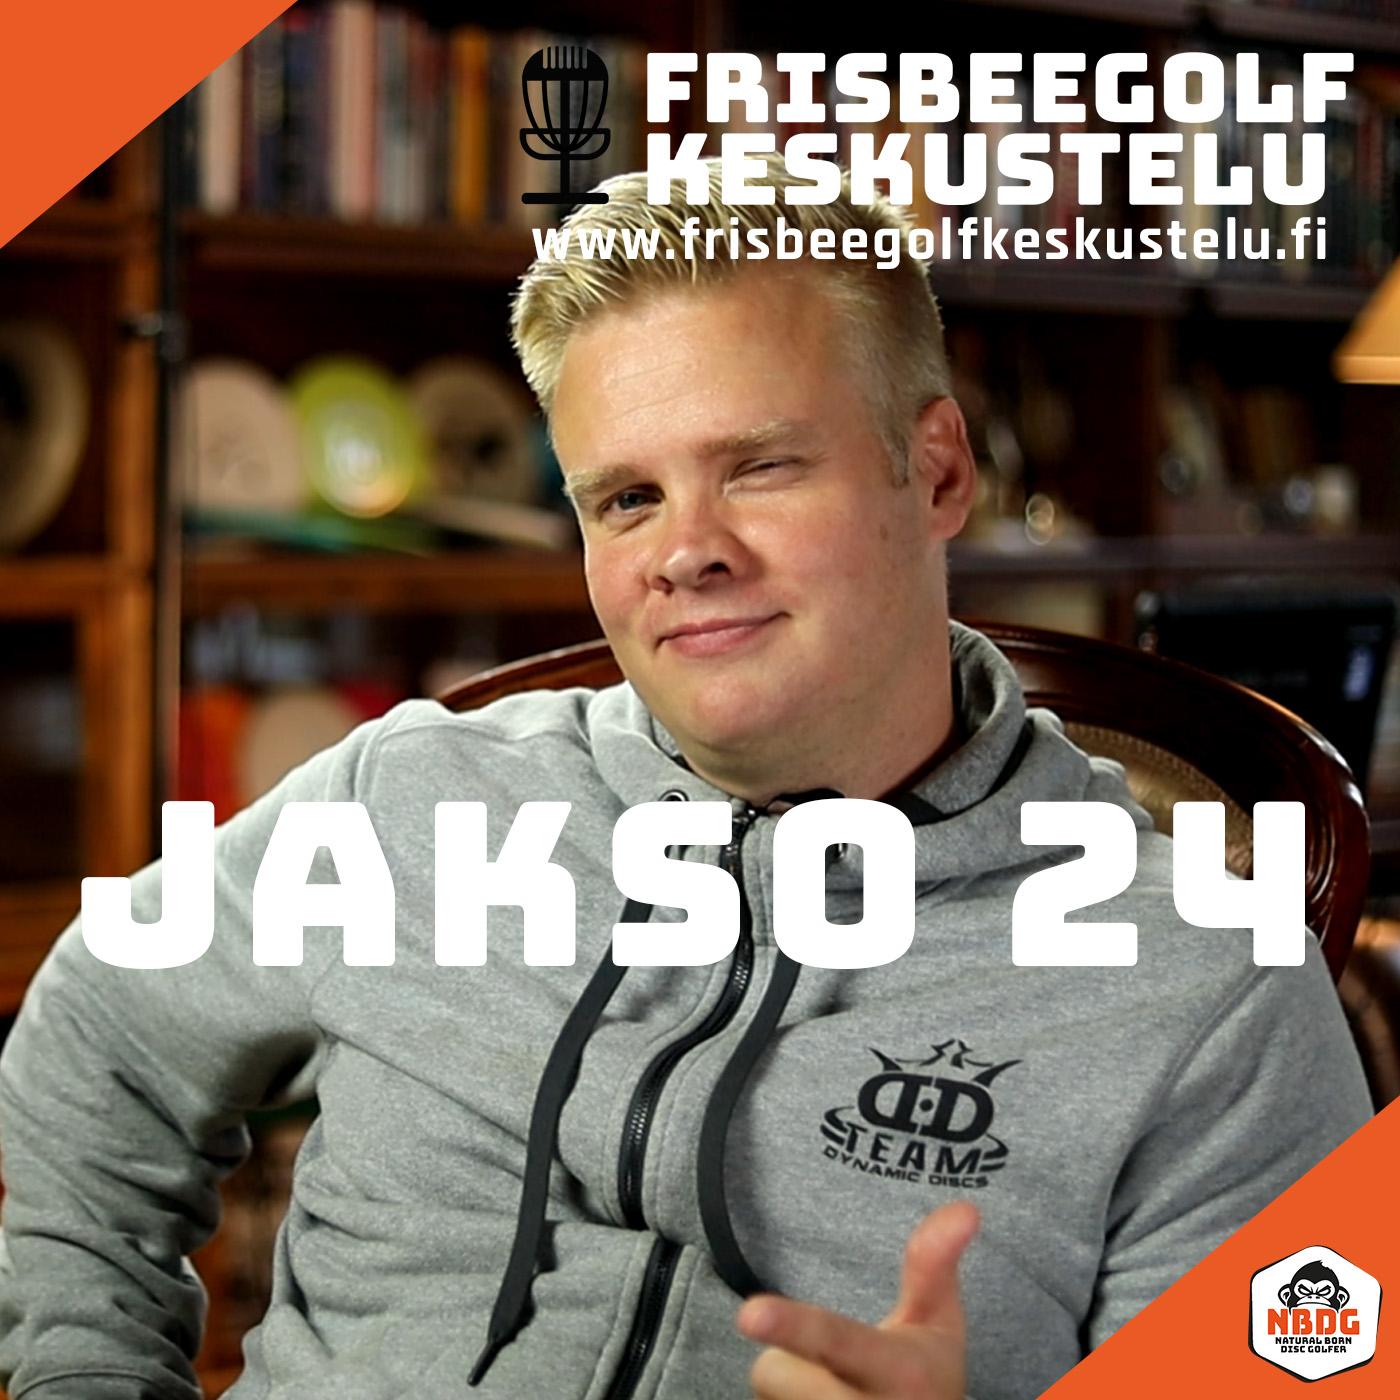 Frisbeegolfkeskustelu jakso #24 - vieraana Janne Hirsimäki